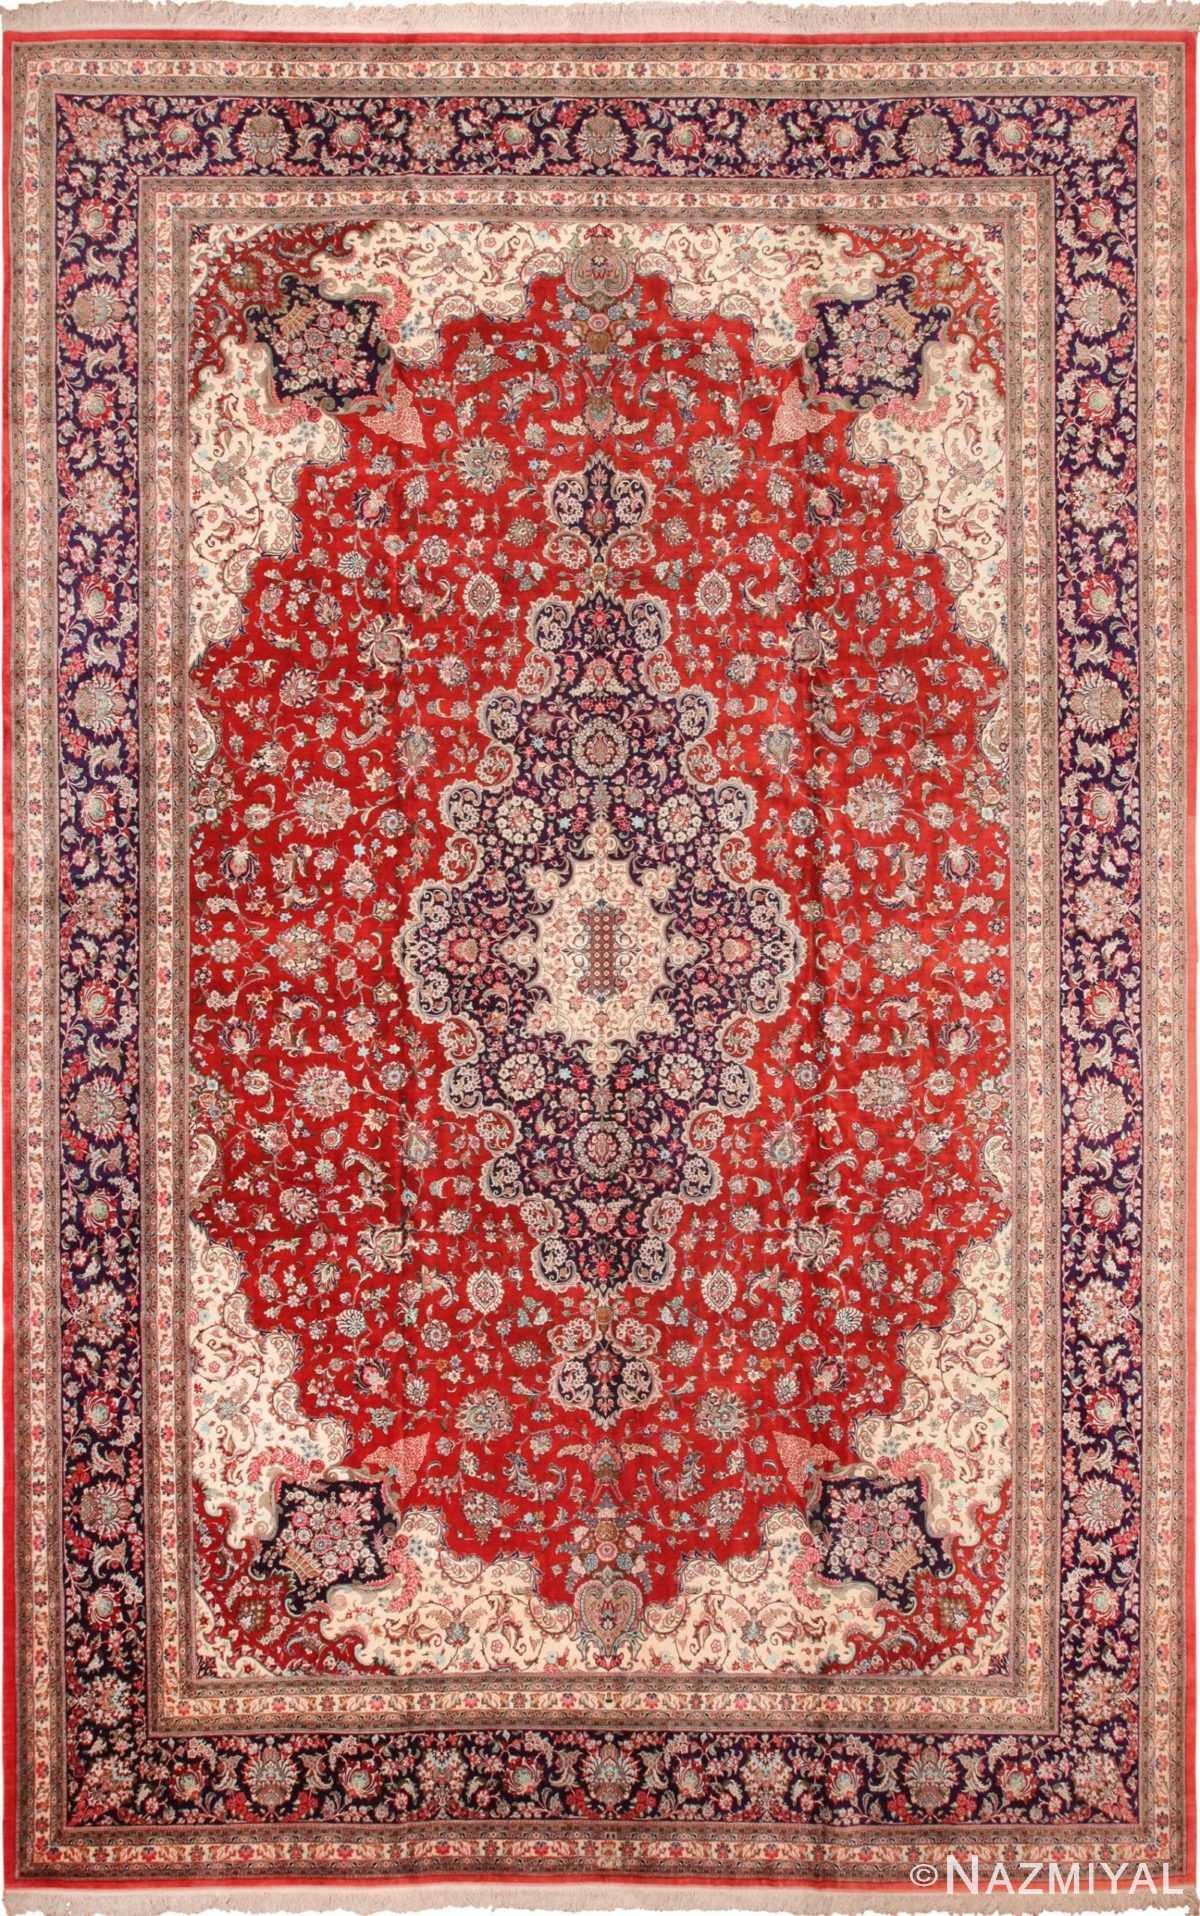 Large Floral Vintage Persian Silk Qum Rug 60022 by Nazmiyal